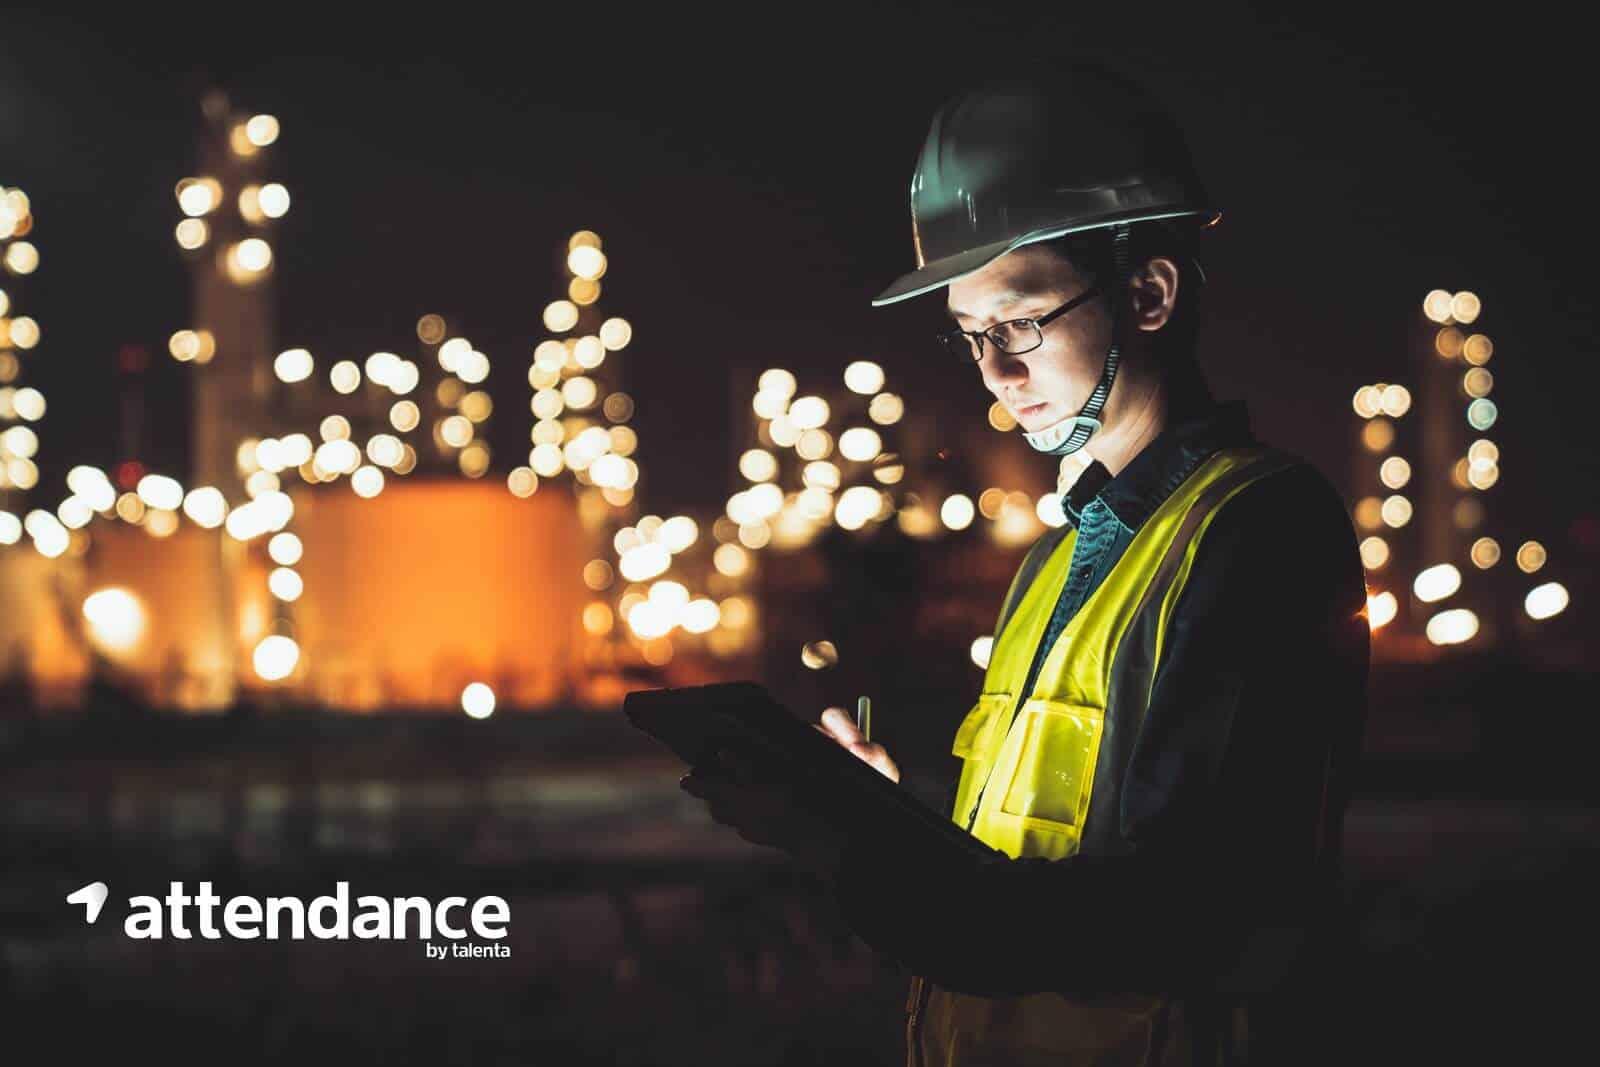 Kerja Shift Malam, Apa yang Harus Dilakukan Karyawan dan Perusahaan?